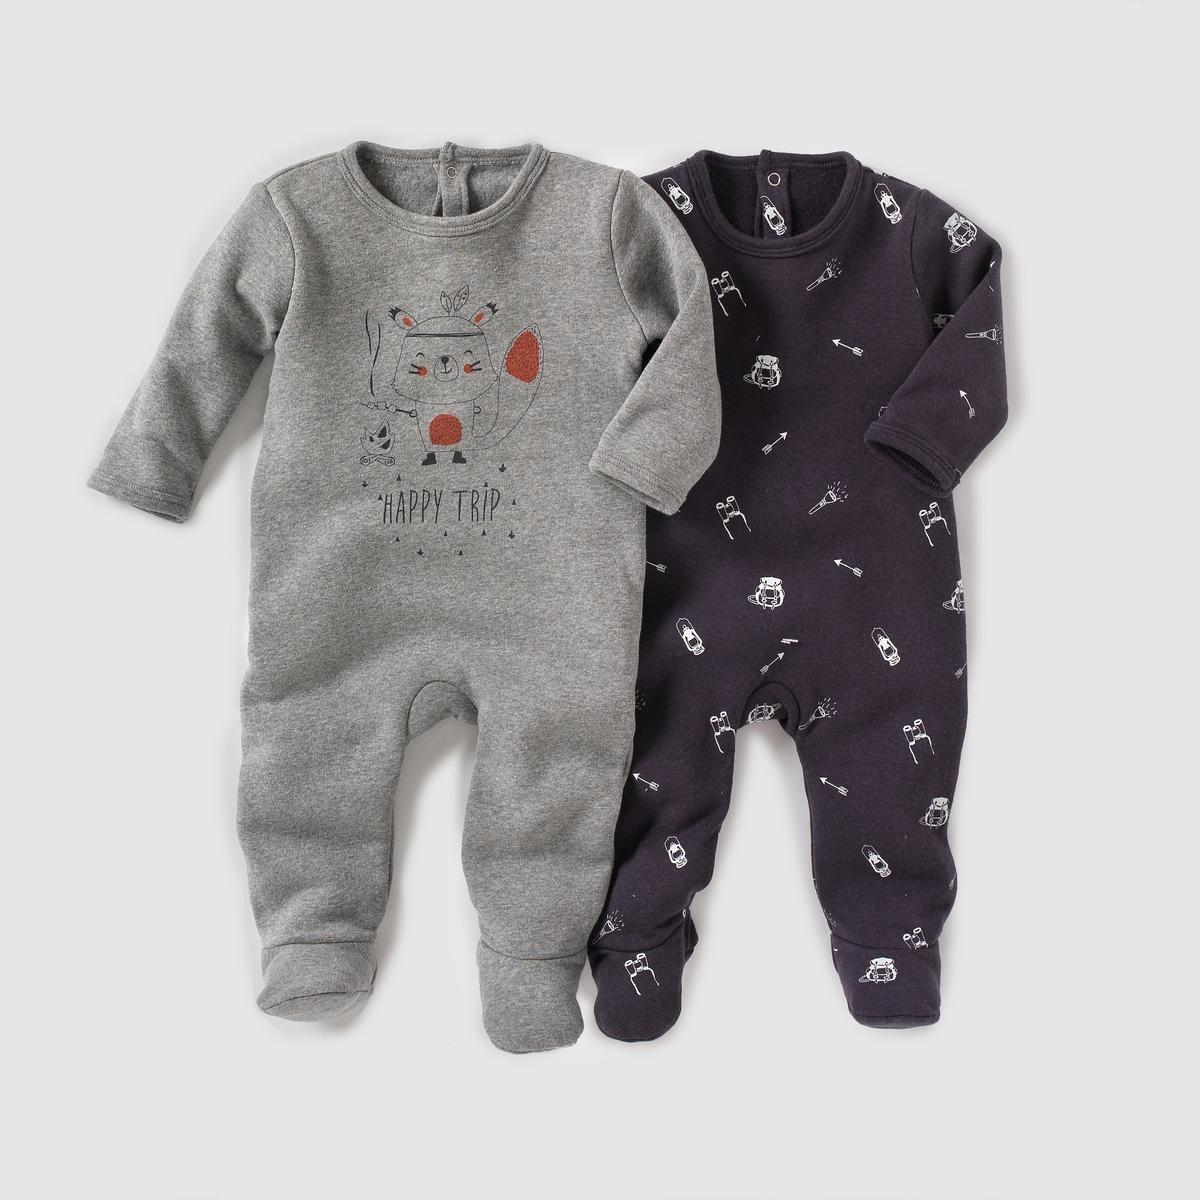 2 пижамы из мольтона, 0 месяцев - 3 годаКомплект из 2 мольтоновых пижам. В комплекте 1 однотонная пижама с принтом спереди и 1 пижама с принтом. Клапан на кнопках и застежка на кнопки сзади. Нескользящая подошва с эластичными вставками сзади начиная с размера 74 см (12 месяцев). Состав и описаниеМатериал: 60% хлопка, 40% полиэстера.Марка:    R mini УходСтирать и гладить с изнанки.Машинная стирка при 40 °C с вещами подобных цветов.Машинная сушка в умеренном режиме.Гладить на низкой температуре.<br><br>Цвет: серый меланж + антрацит